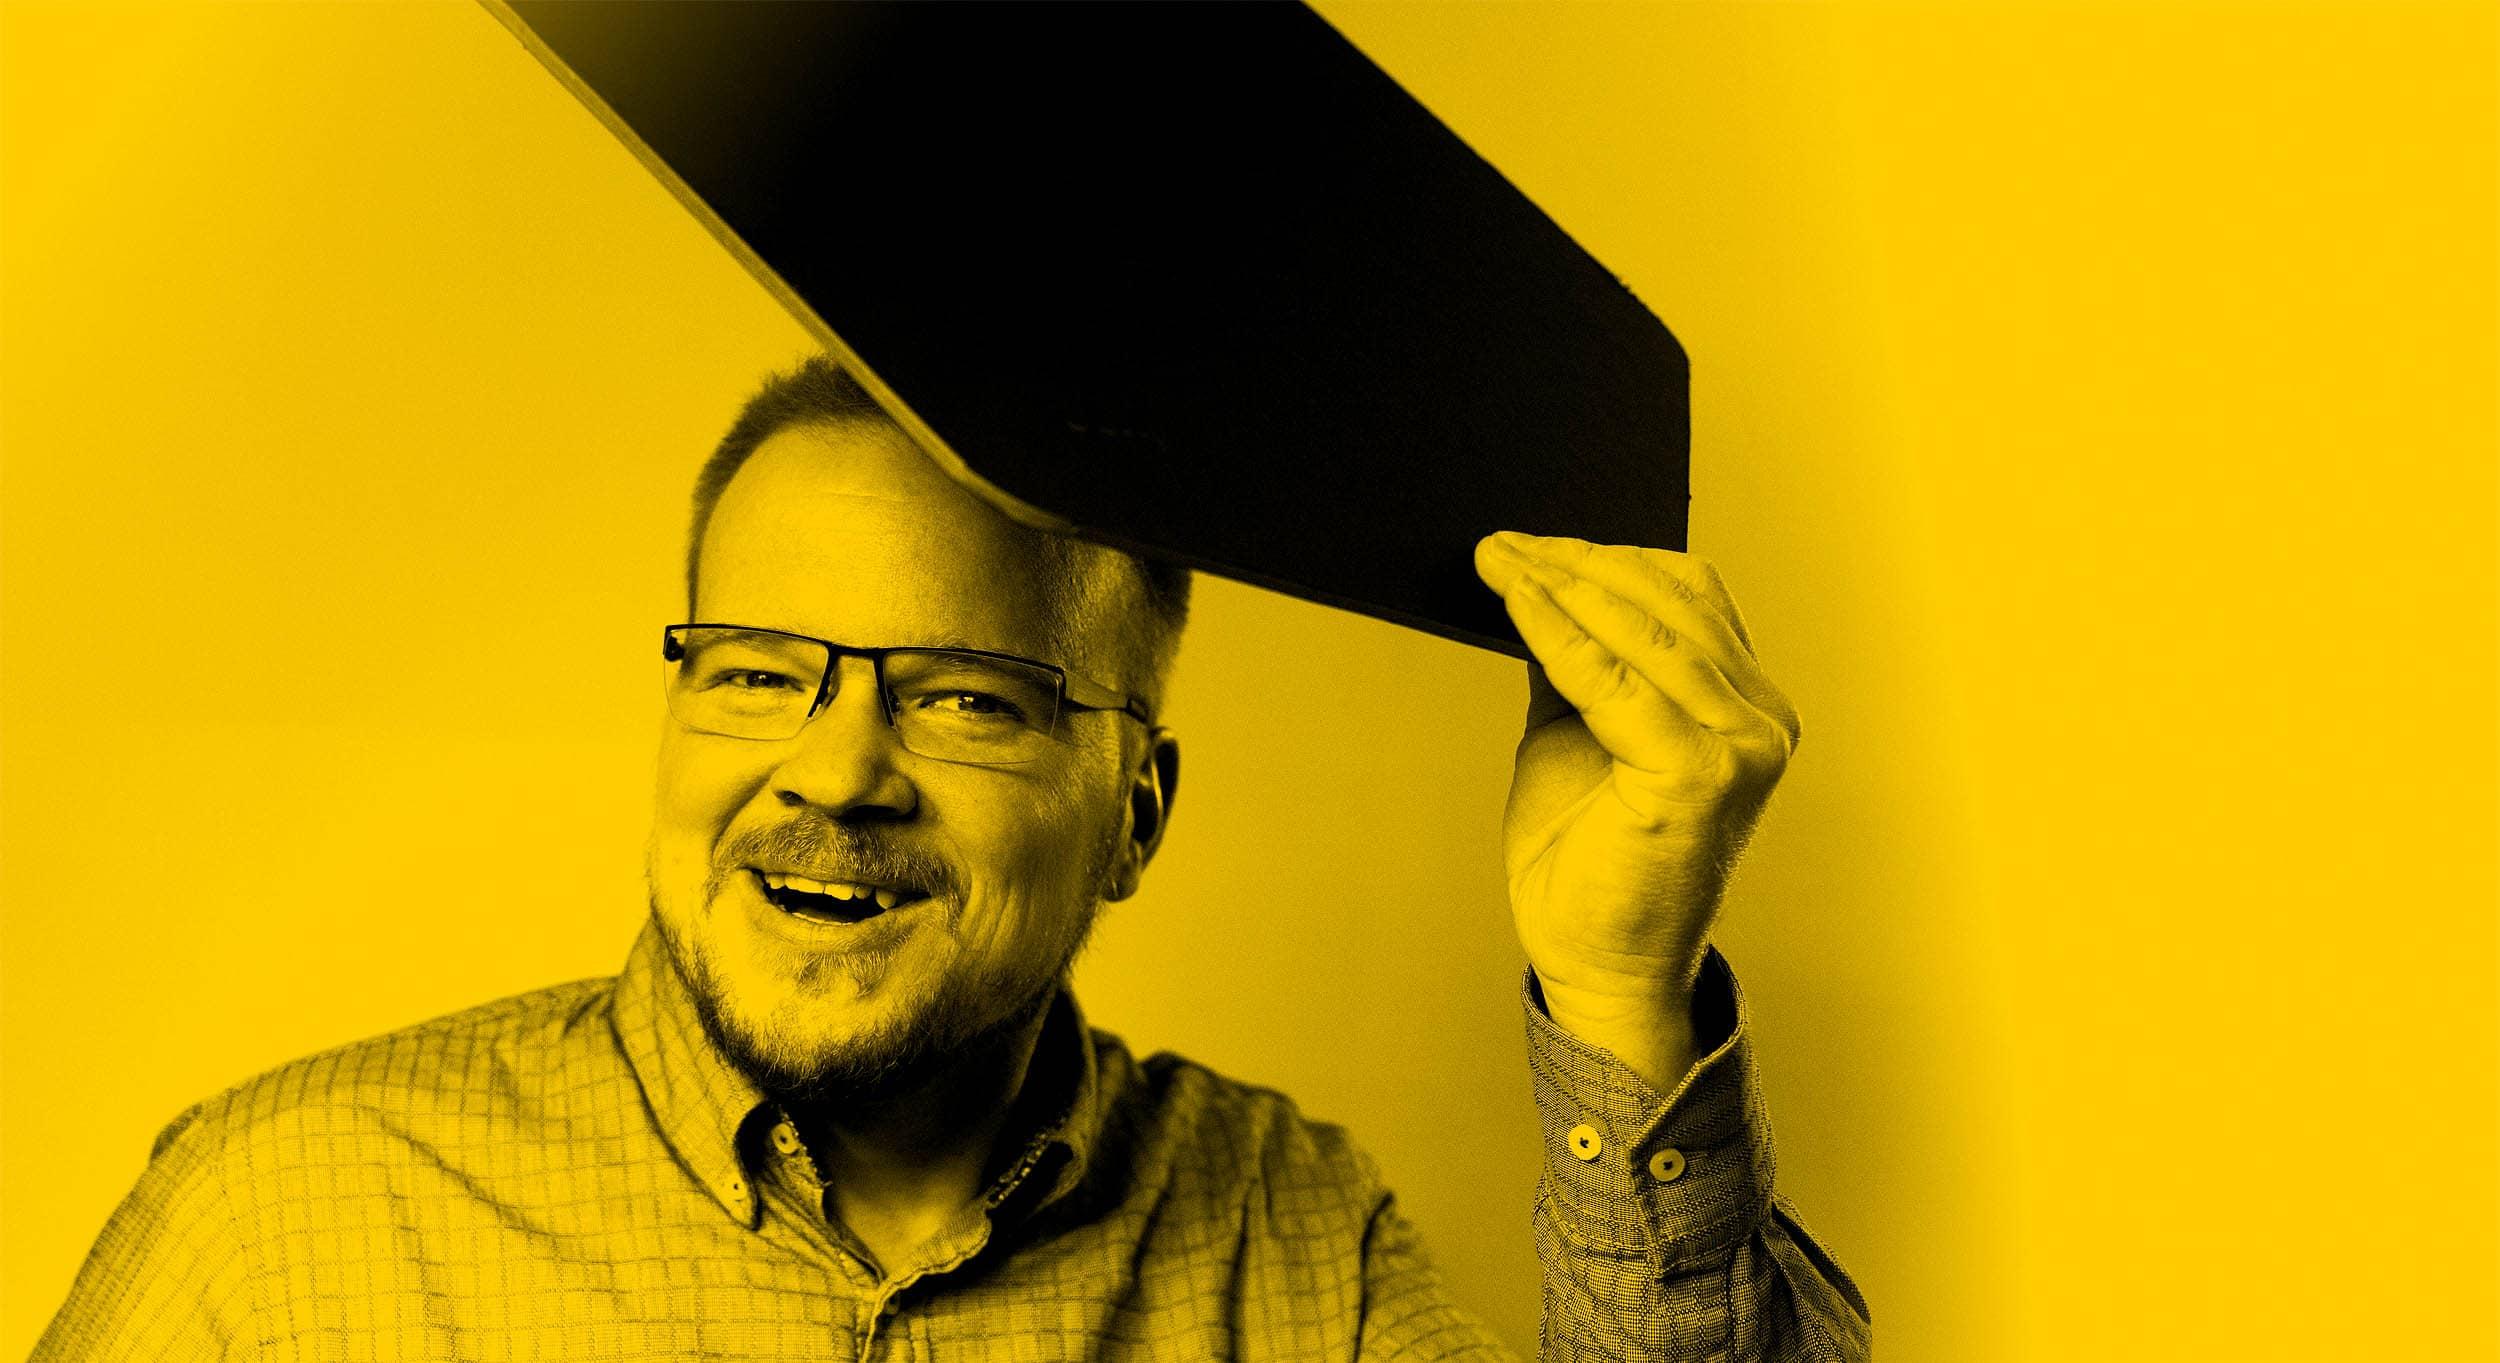 Design WordCamp durch Farbe und Schwarz-Weiss-Bildern im Gelb-Look